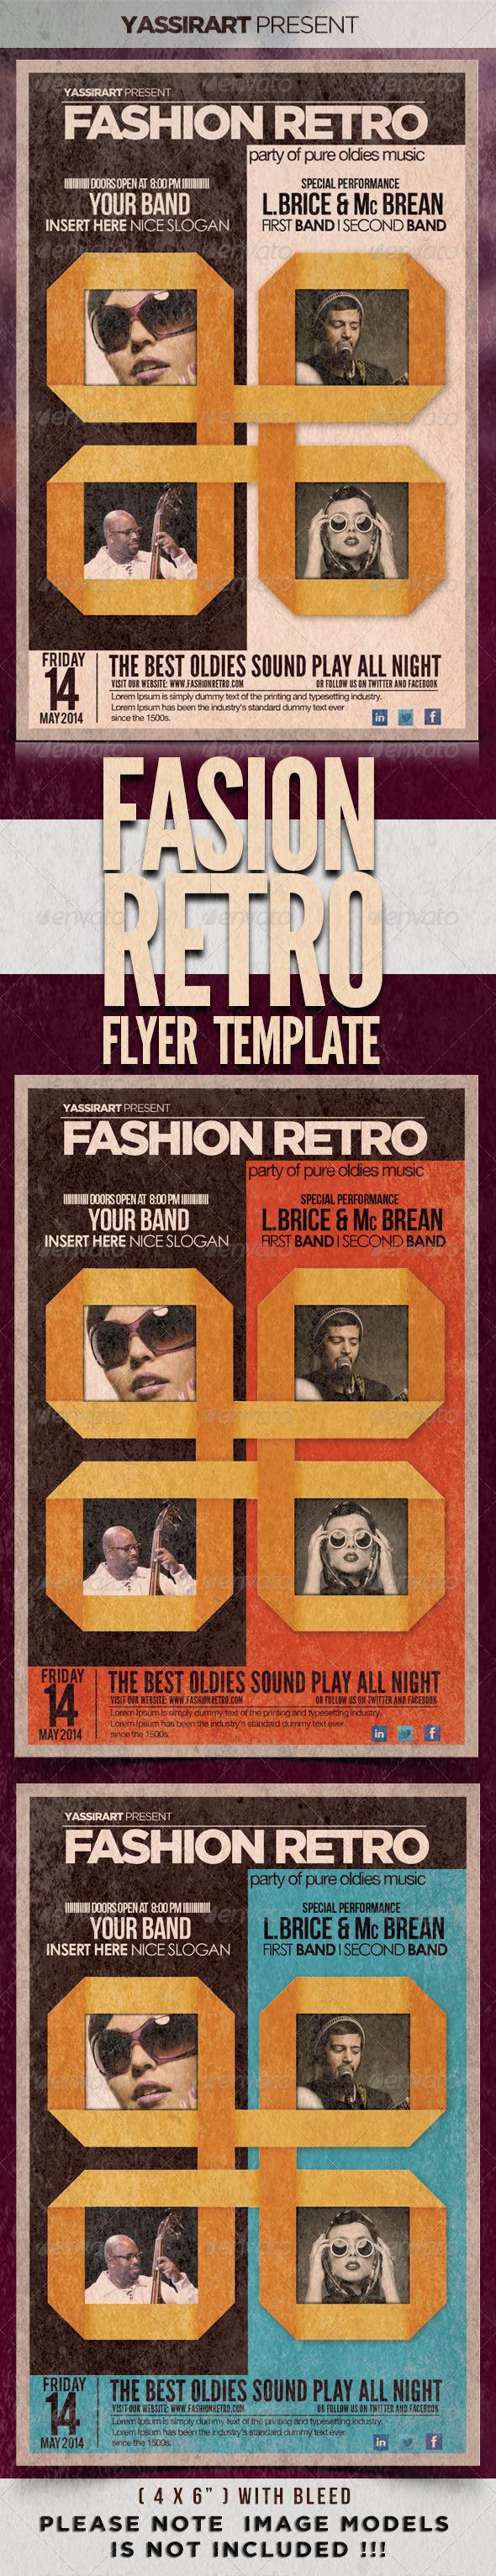 GraphicRiver Fashion Retro Flyer Template 4485686